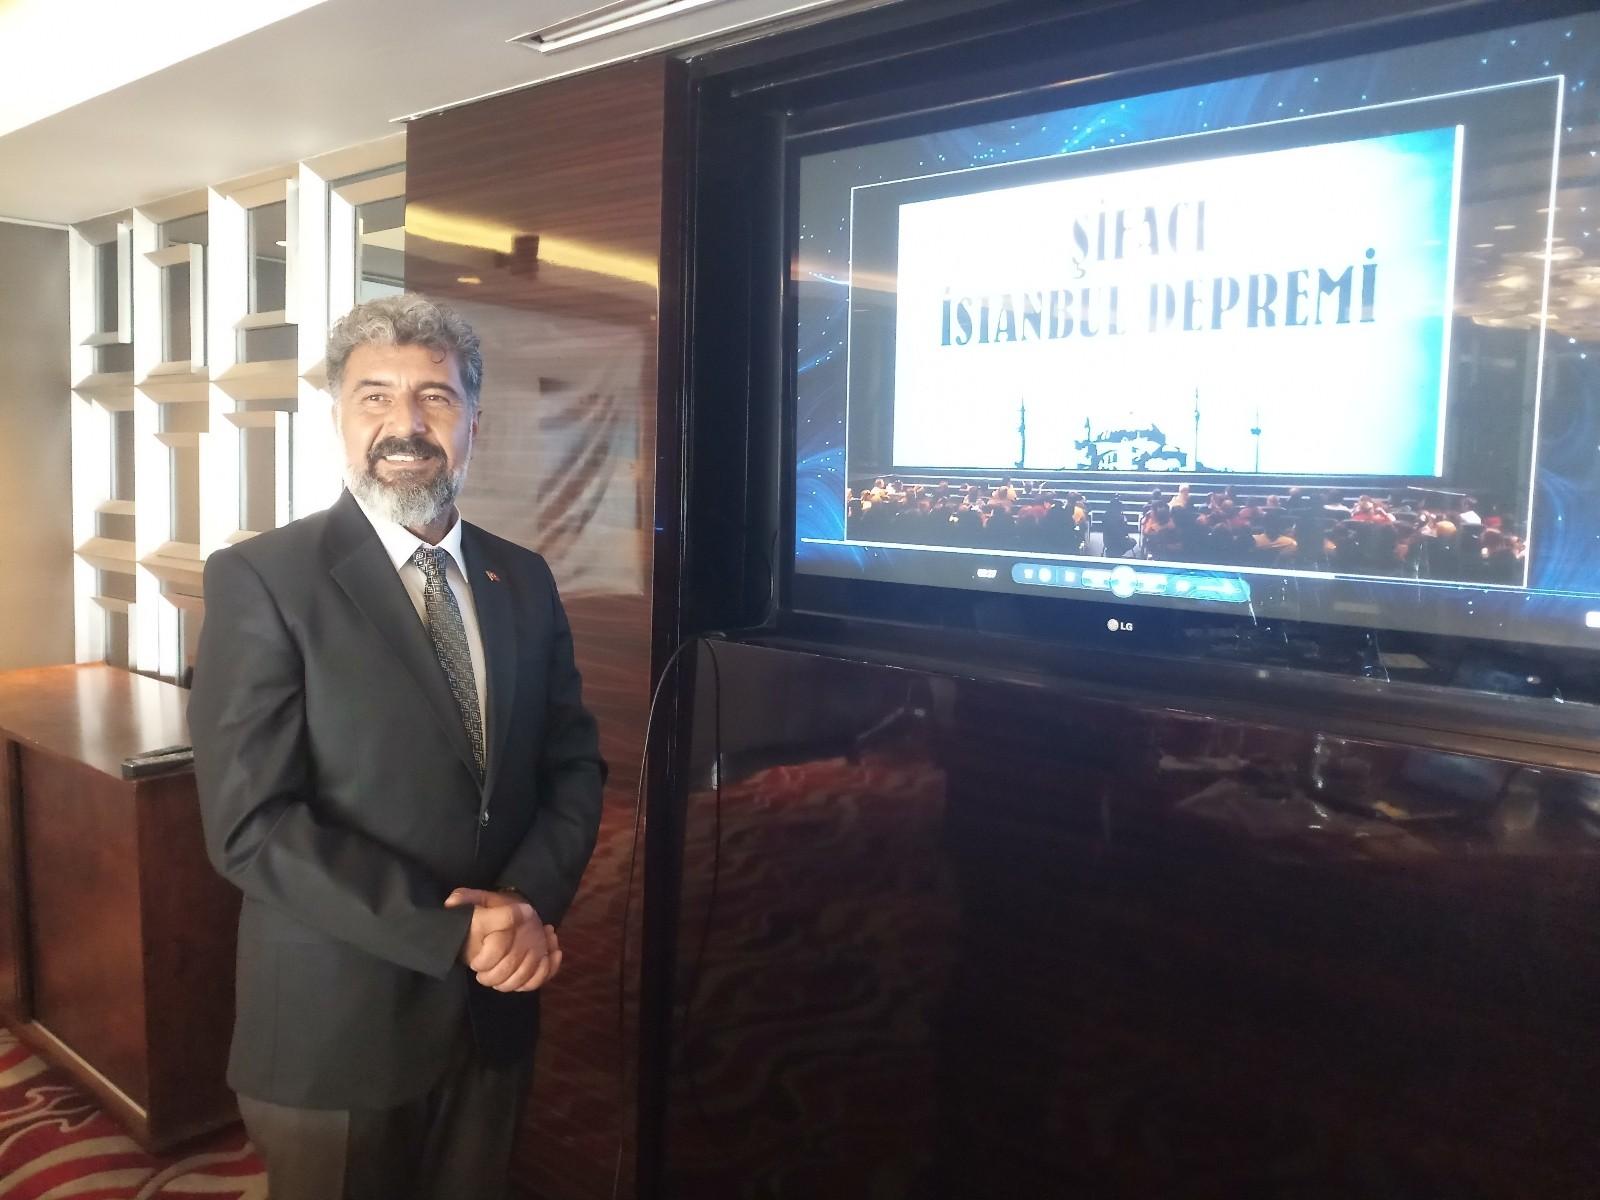 Şifacı İstanbul Depremi filminin tanıtımı yapıldı